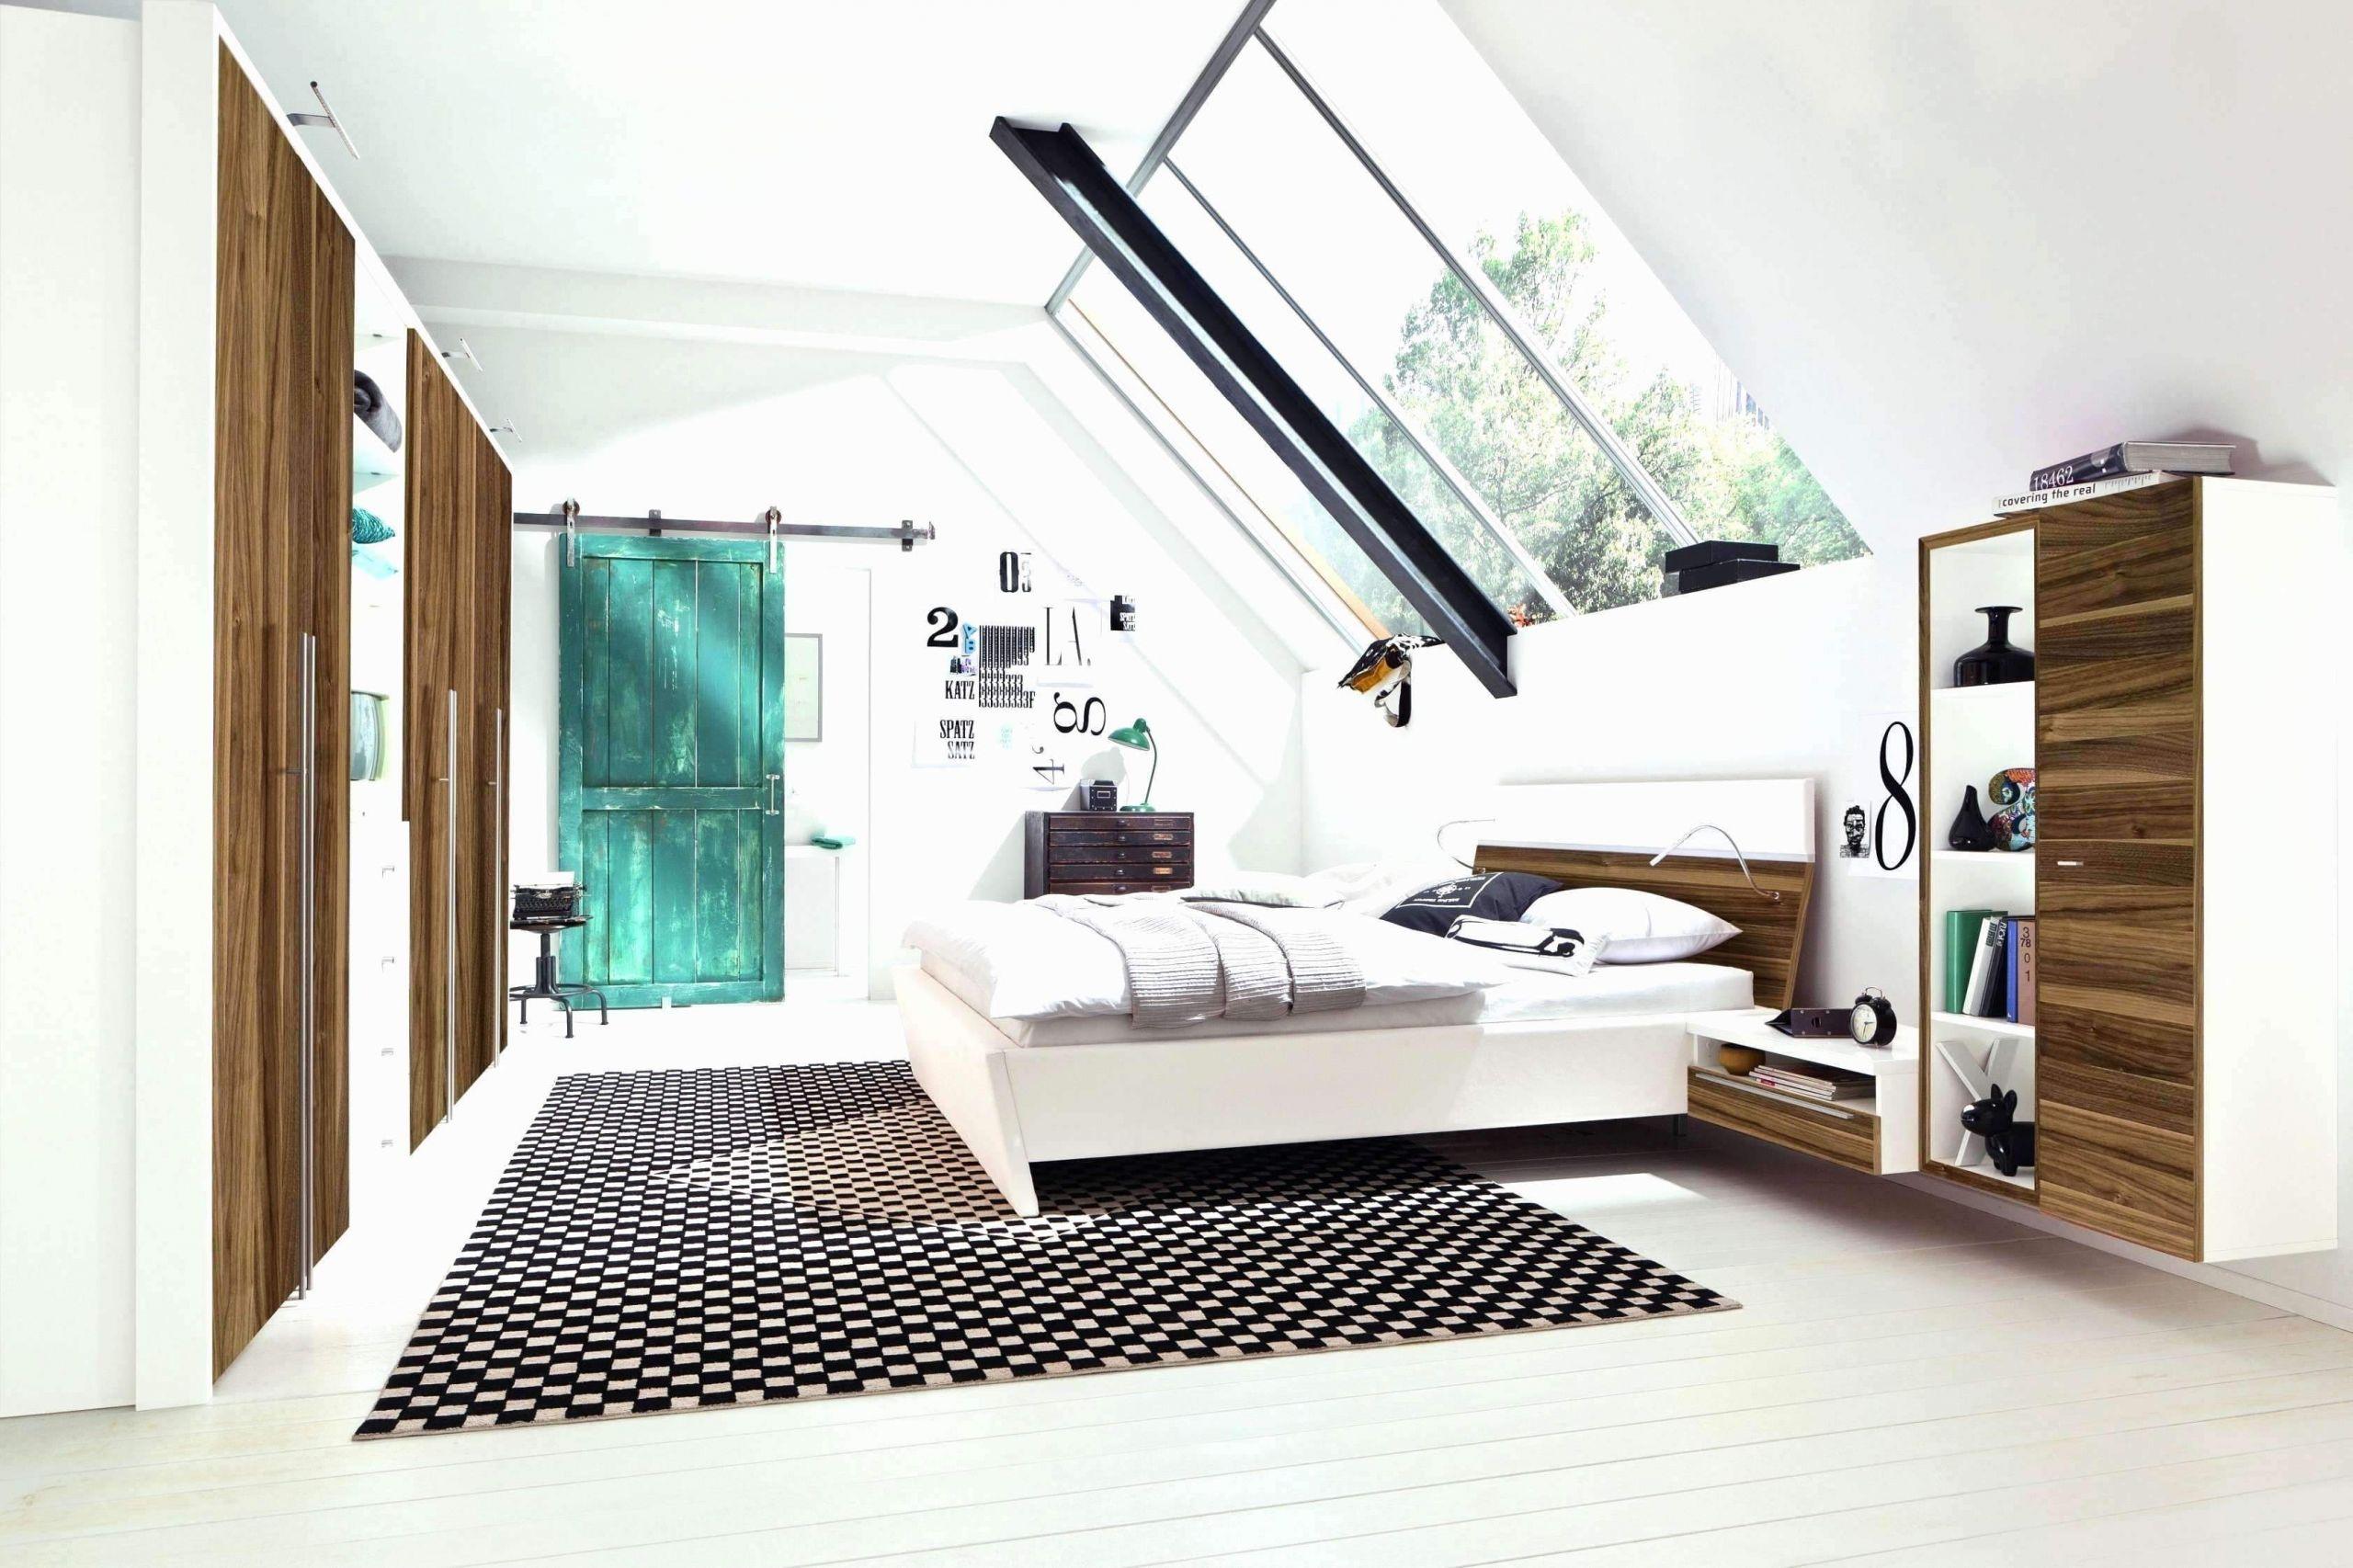 Dekoartikel Online Luxus 29 Reizend Wohnzimmer Deko Line Shop Inspirierend